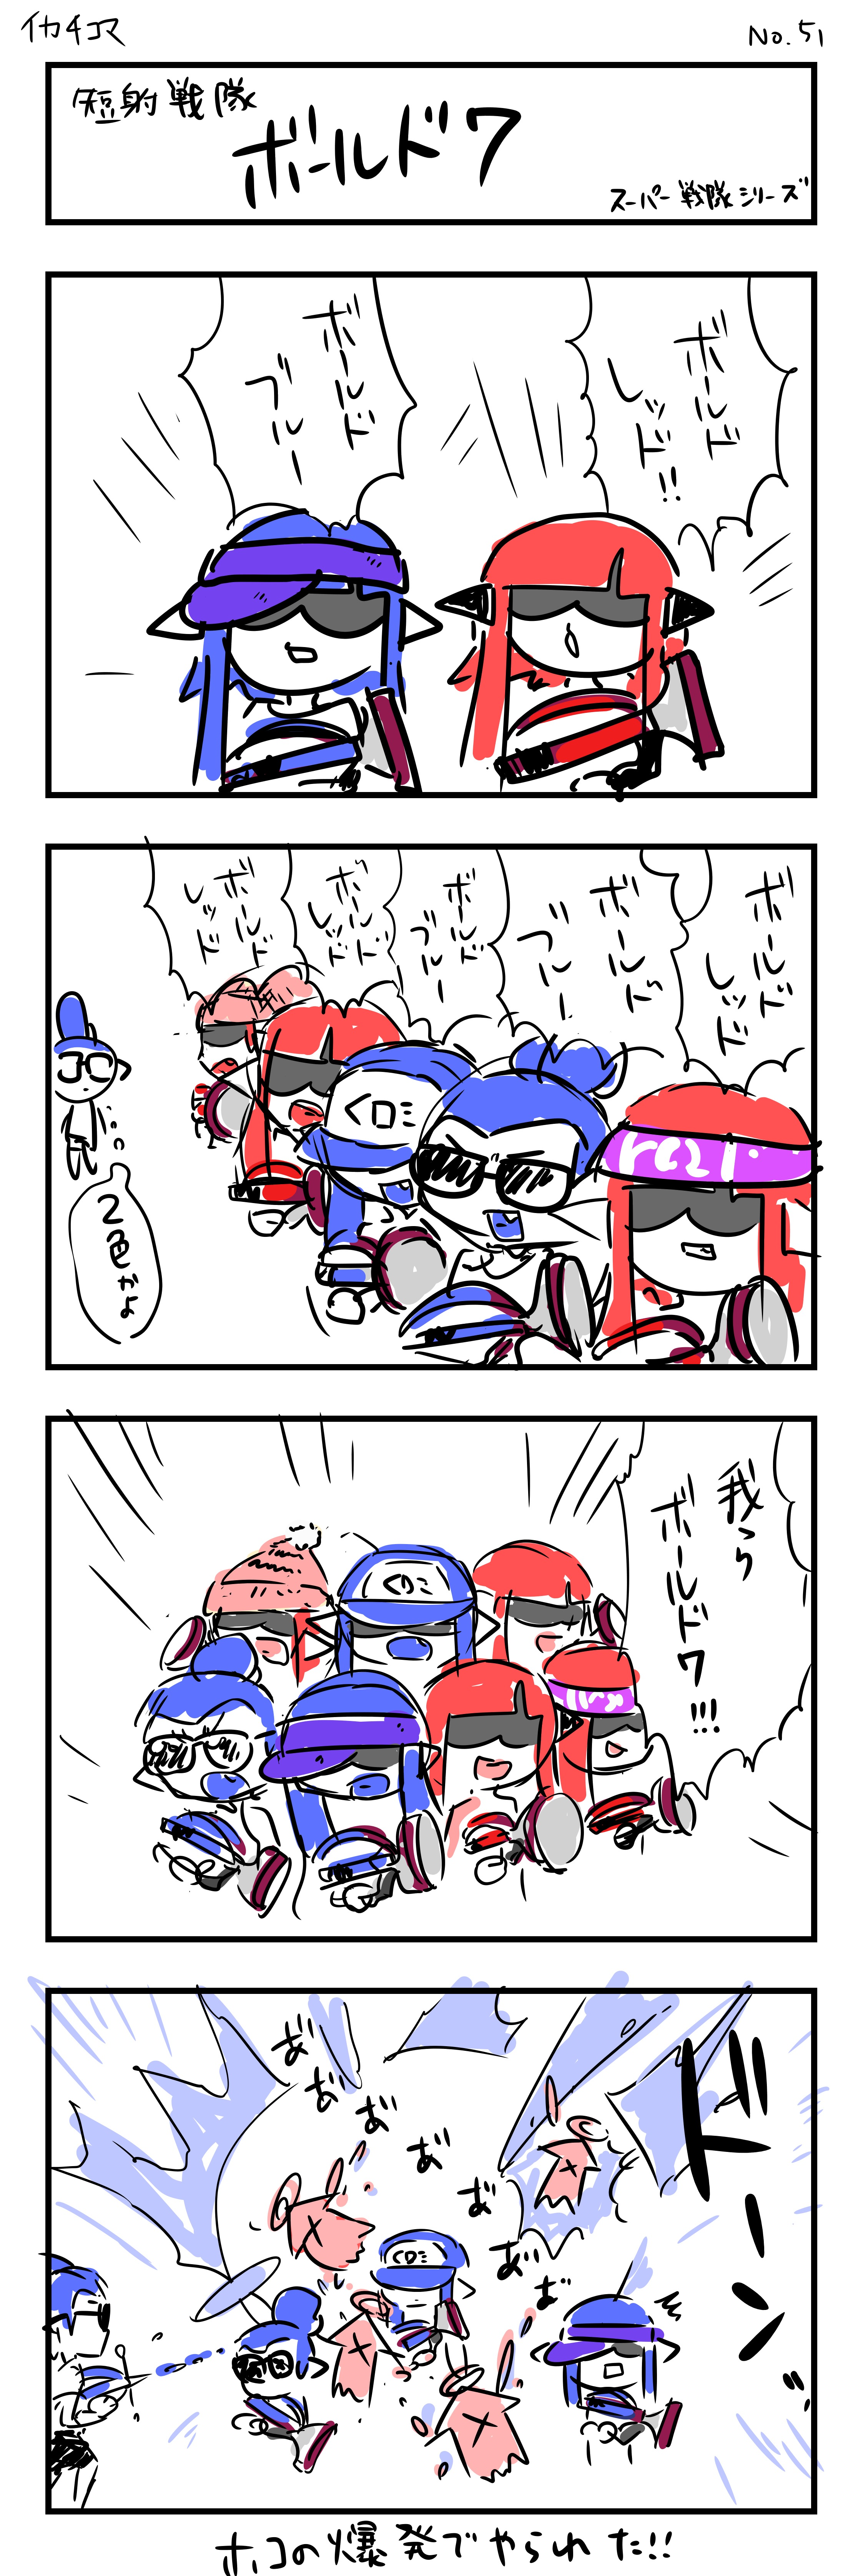 イカ4コマ 短射戦隊ボールド7!!!